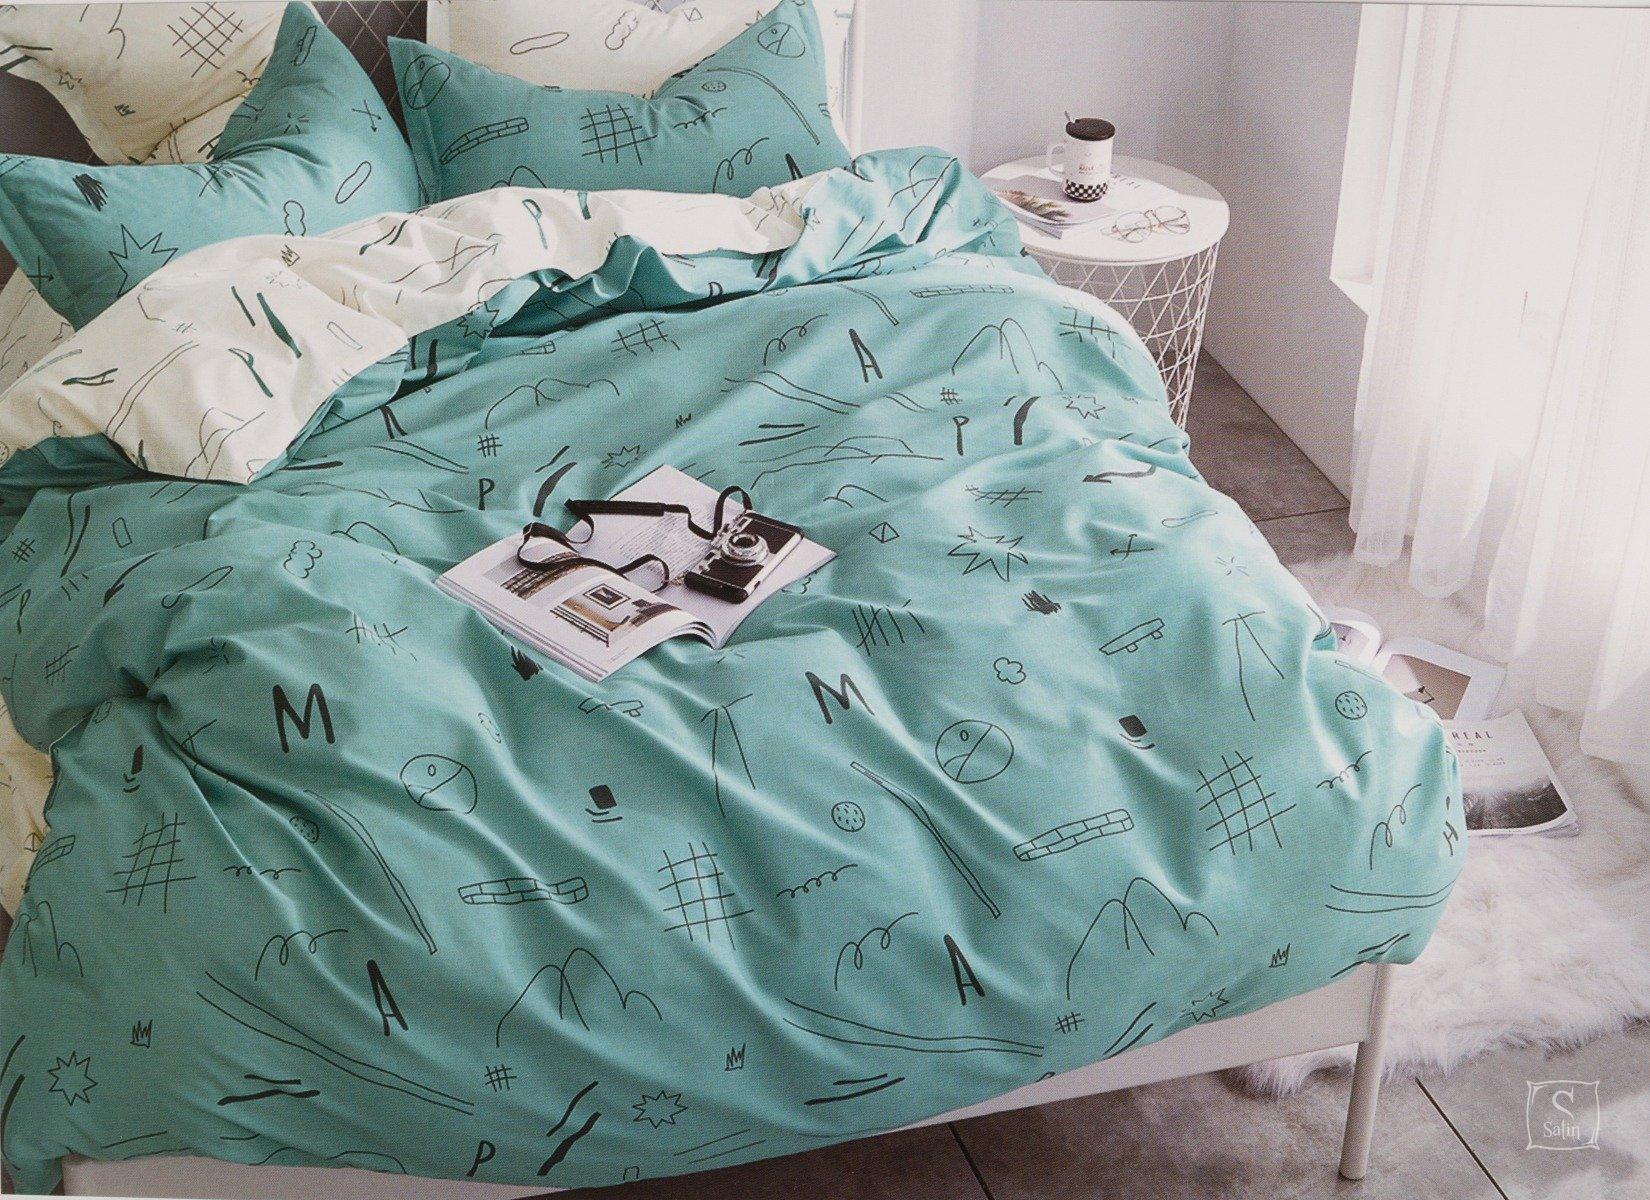 Купить Детское постельное белье Viluta. Сатин 227 — лучшая цена в ... a2e808ded4b57